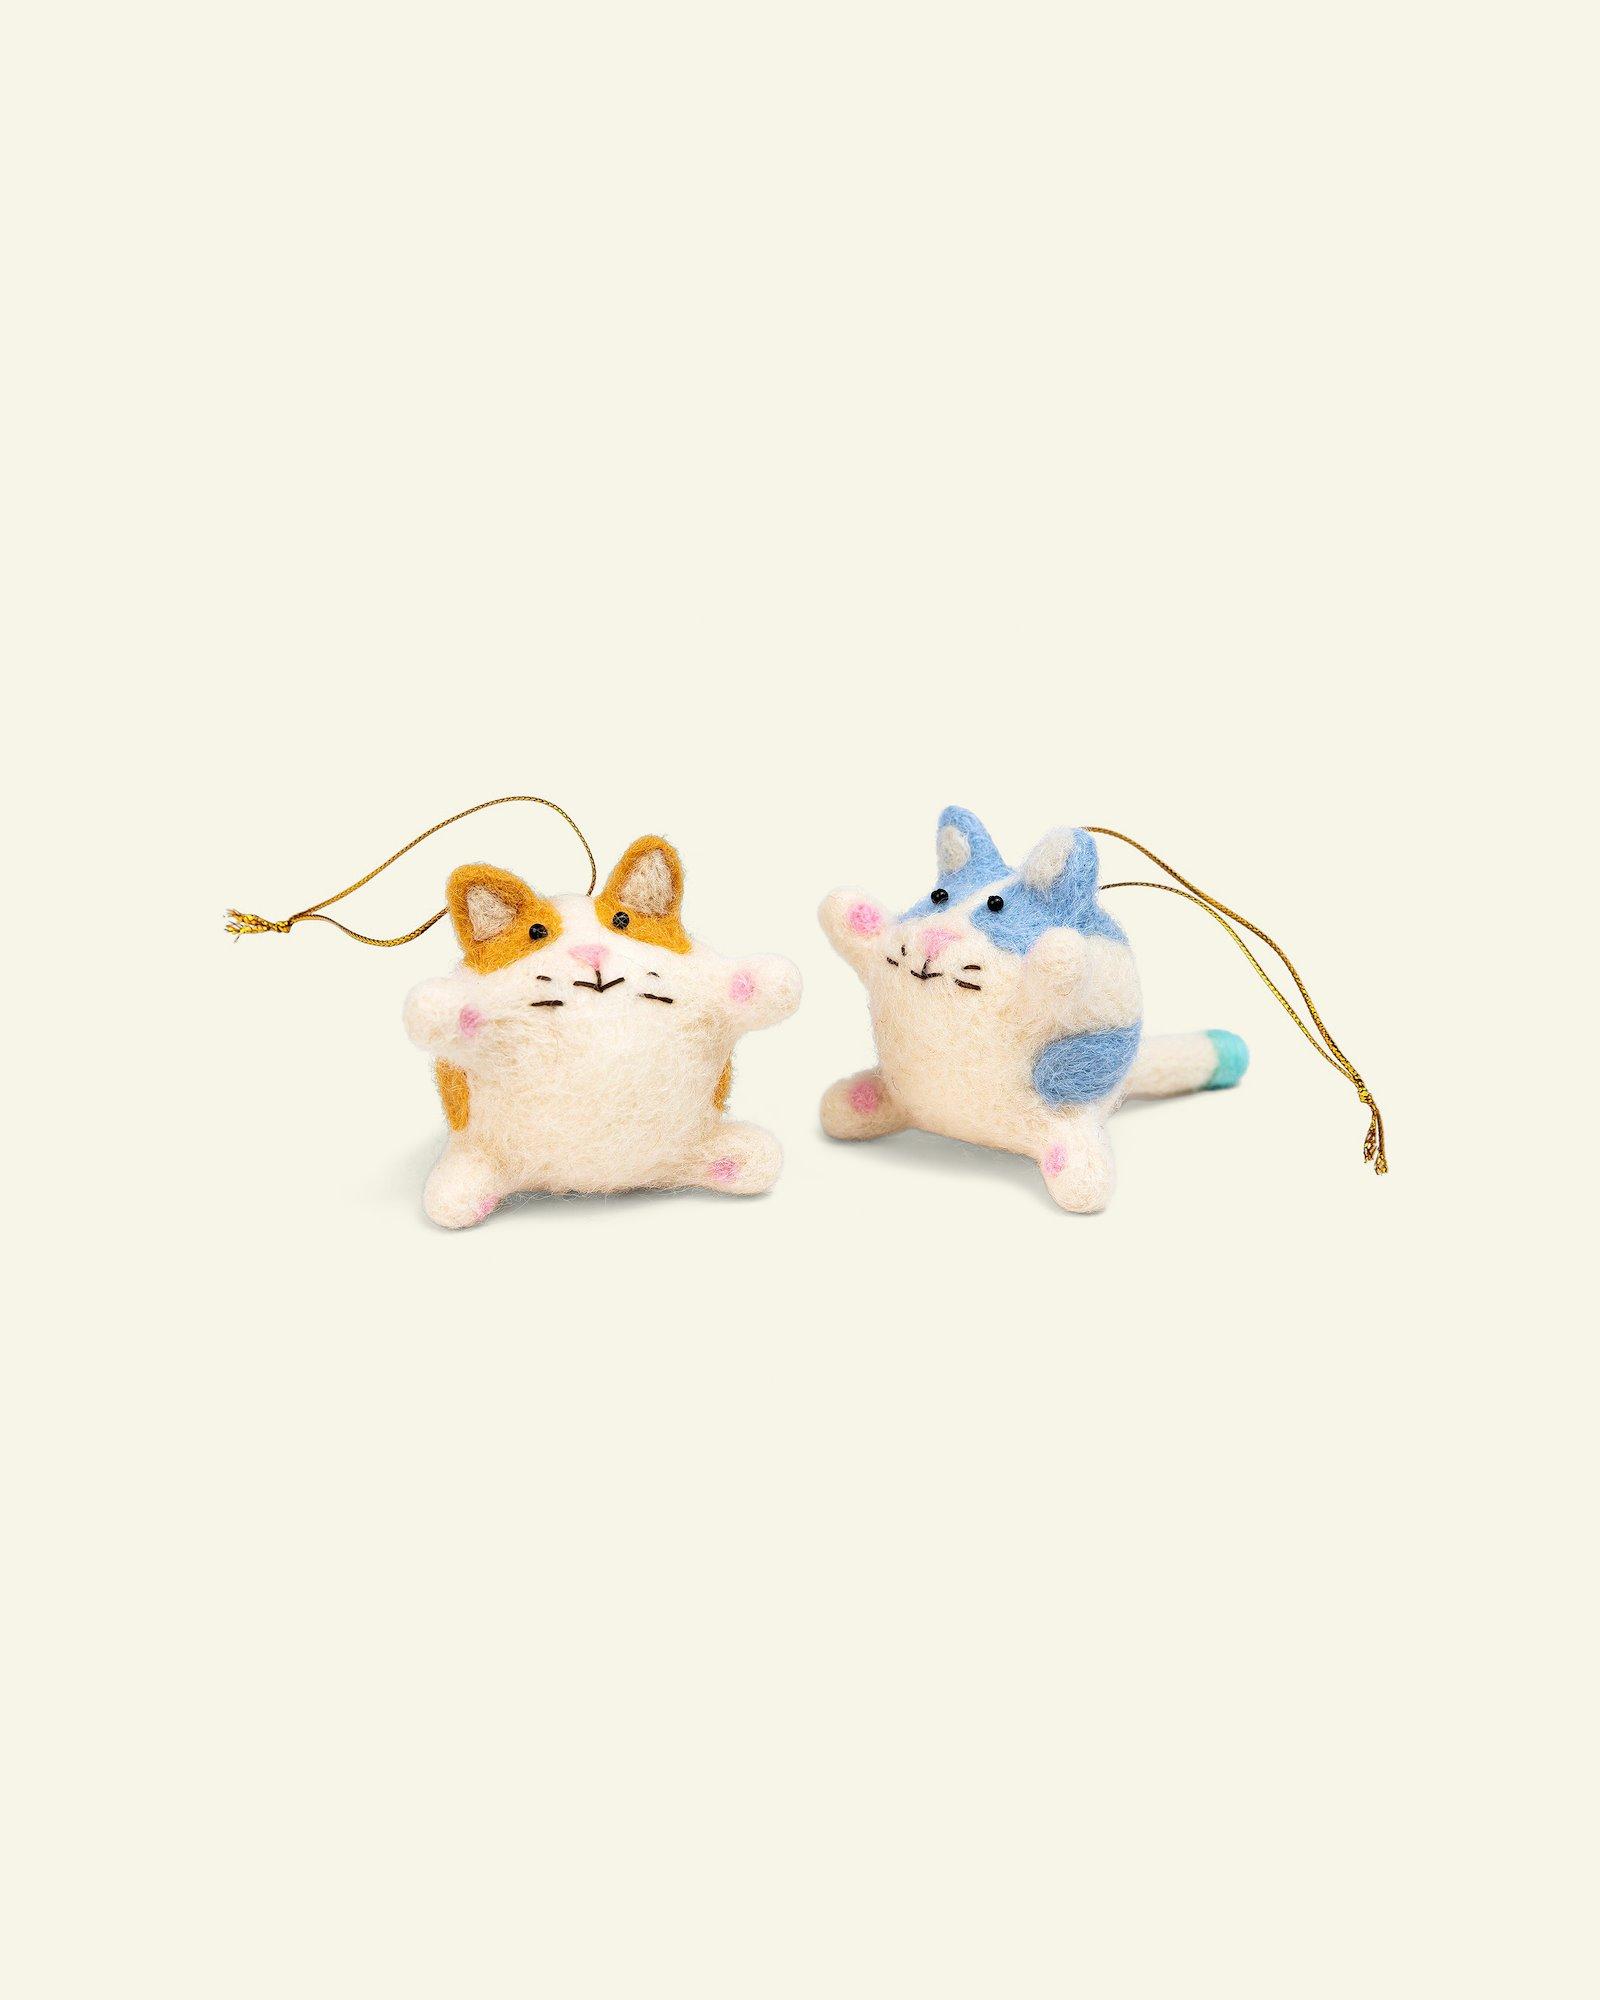 Kit wool cats 6cm nature 2pcs